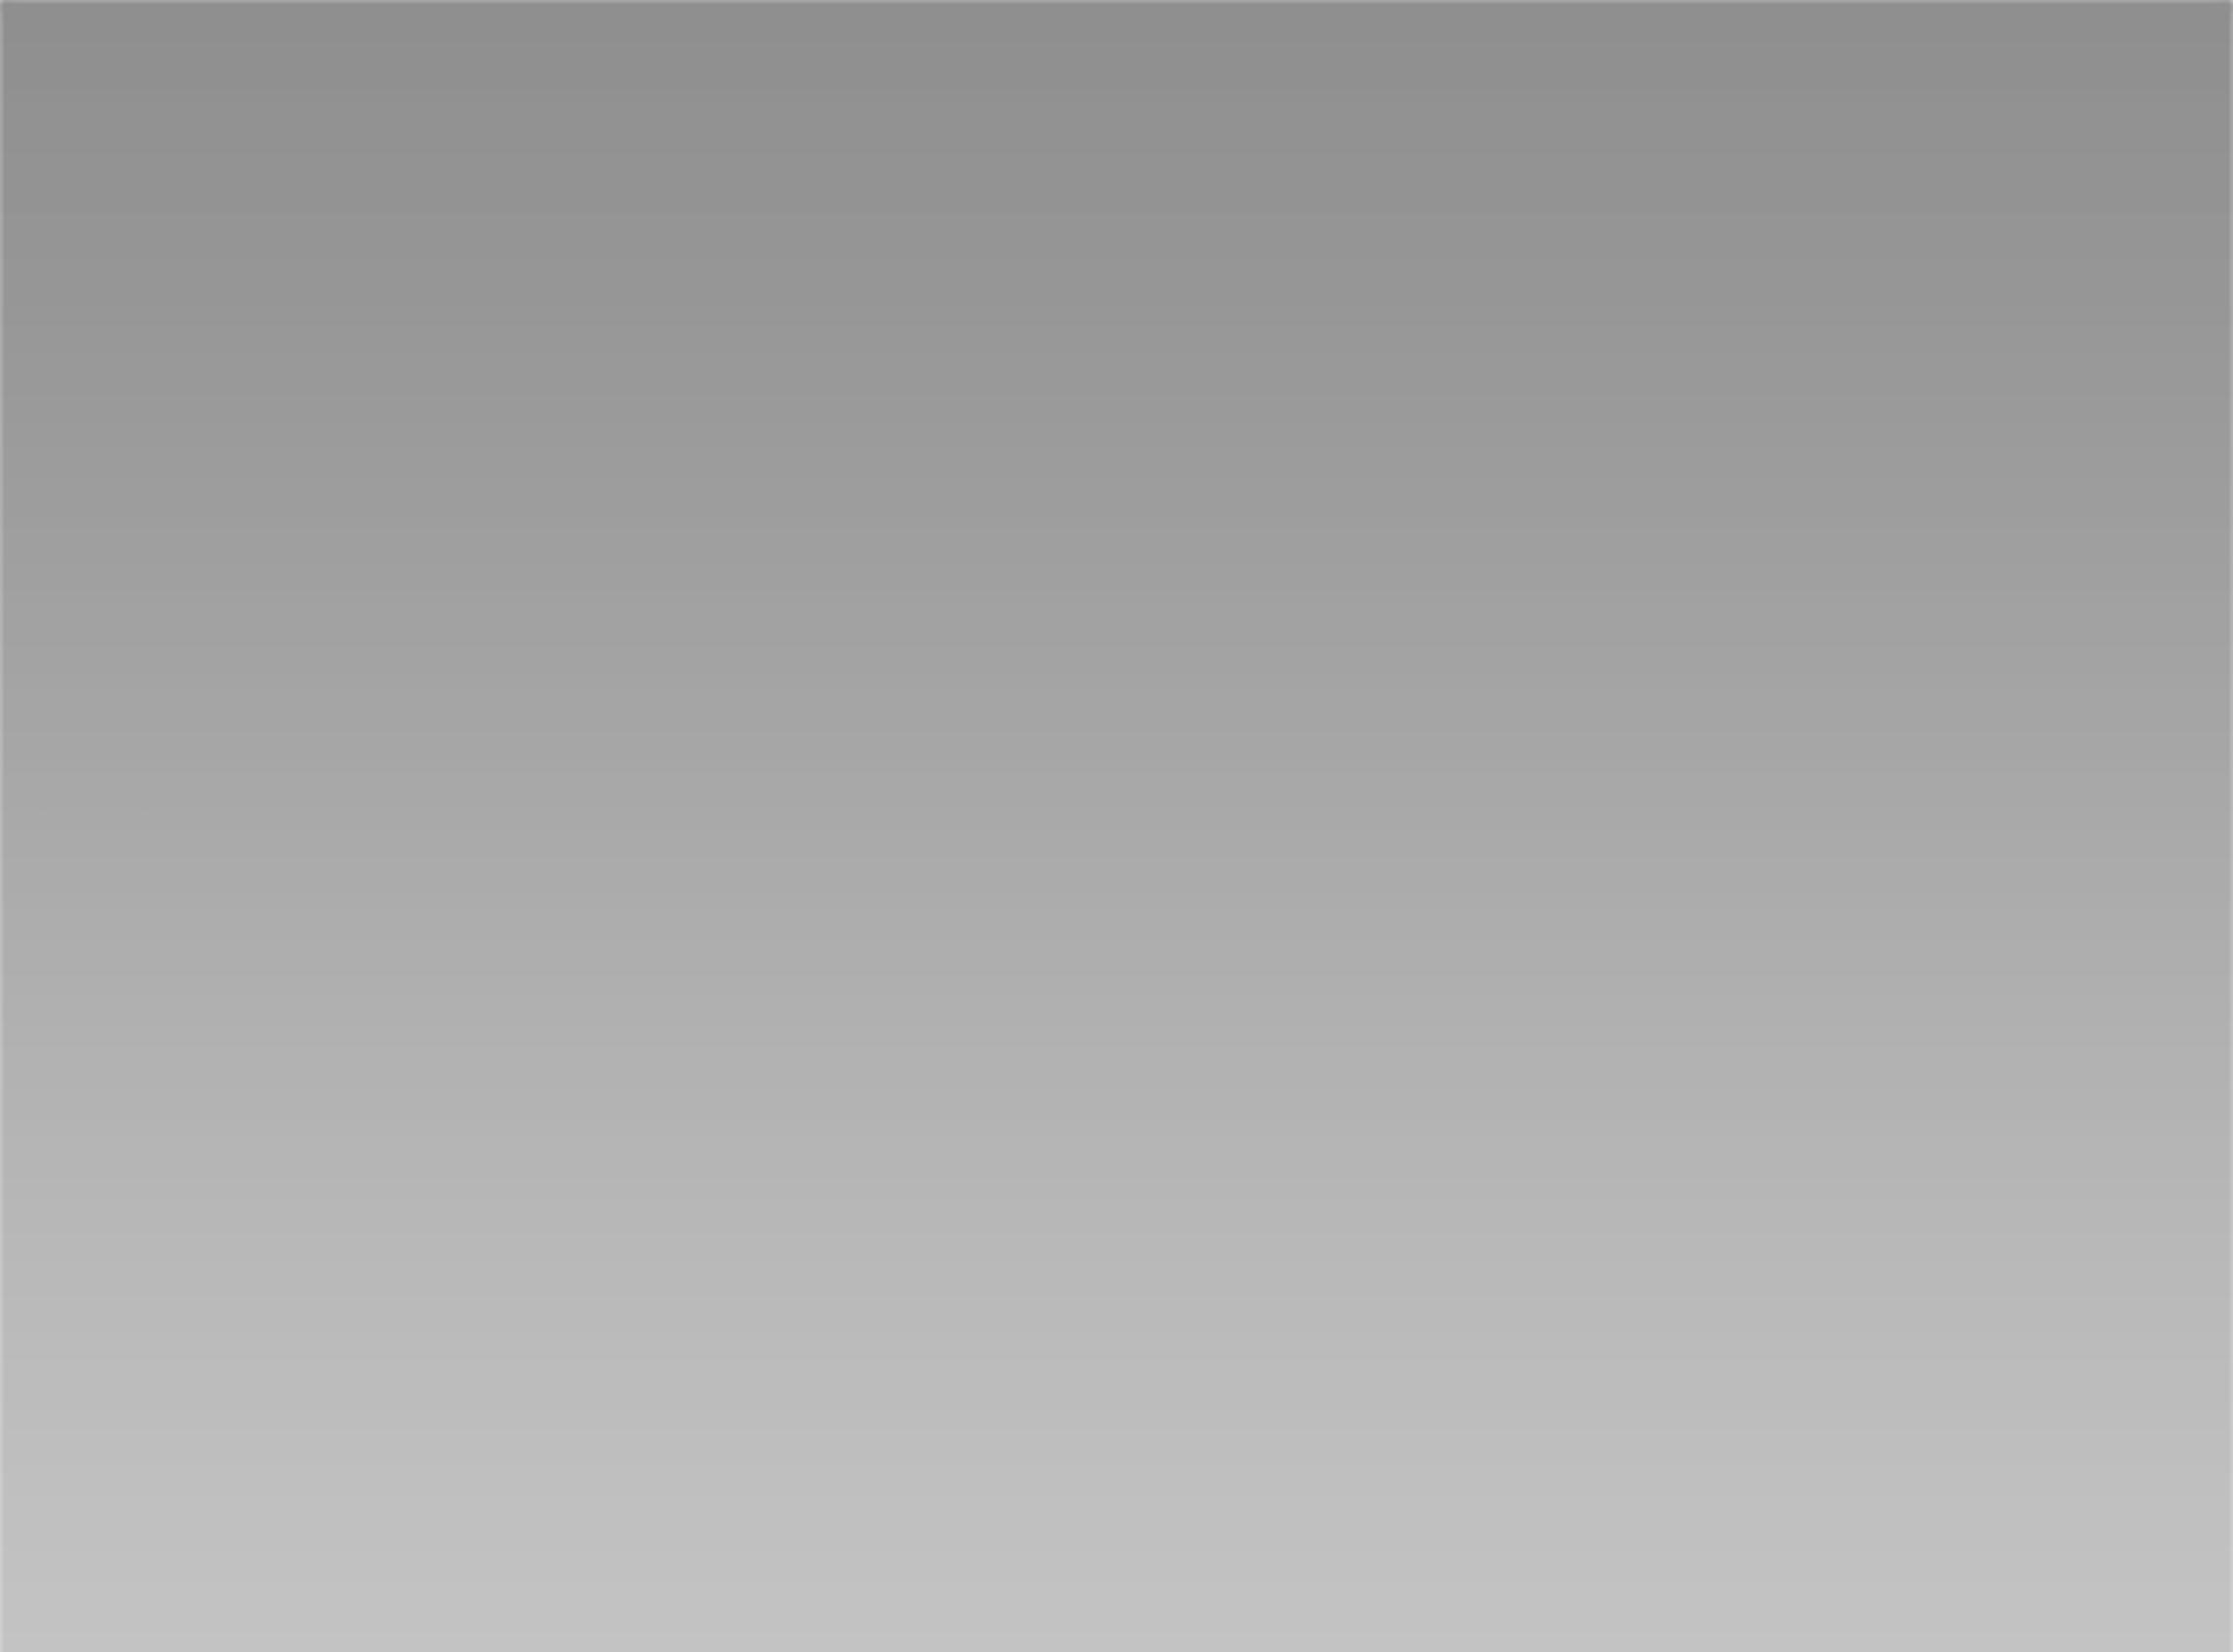 Fgfam header desktop